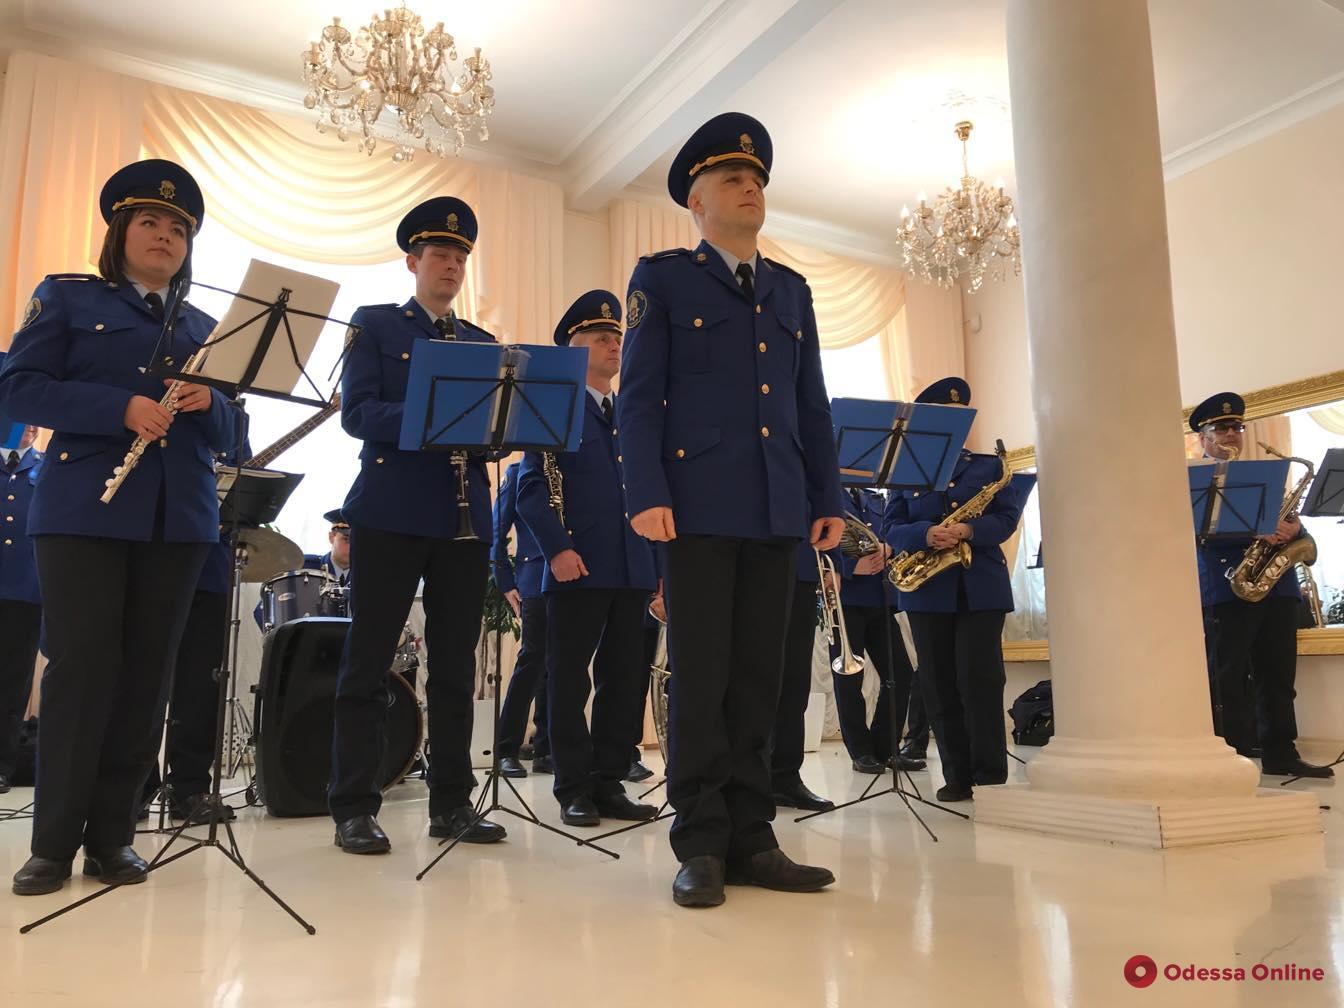 Нацгвардейцы поздравили одесских молодоженов с Днем влюбленных праздничным концертом (фото, видео)